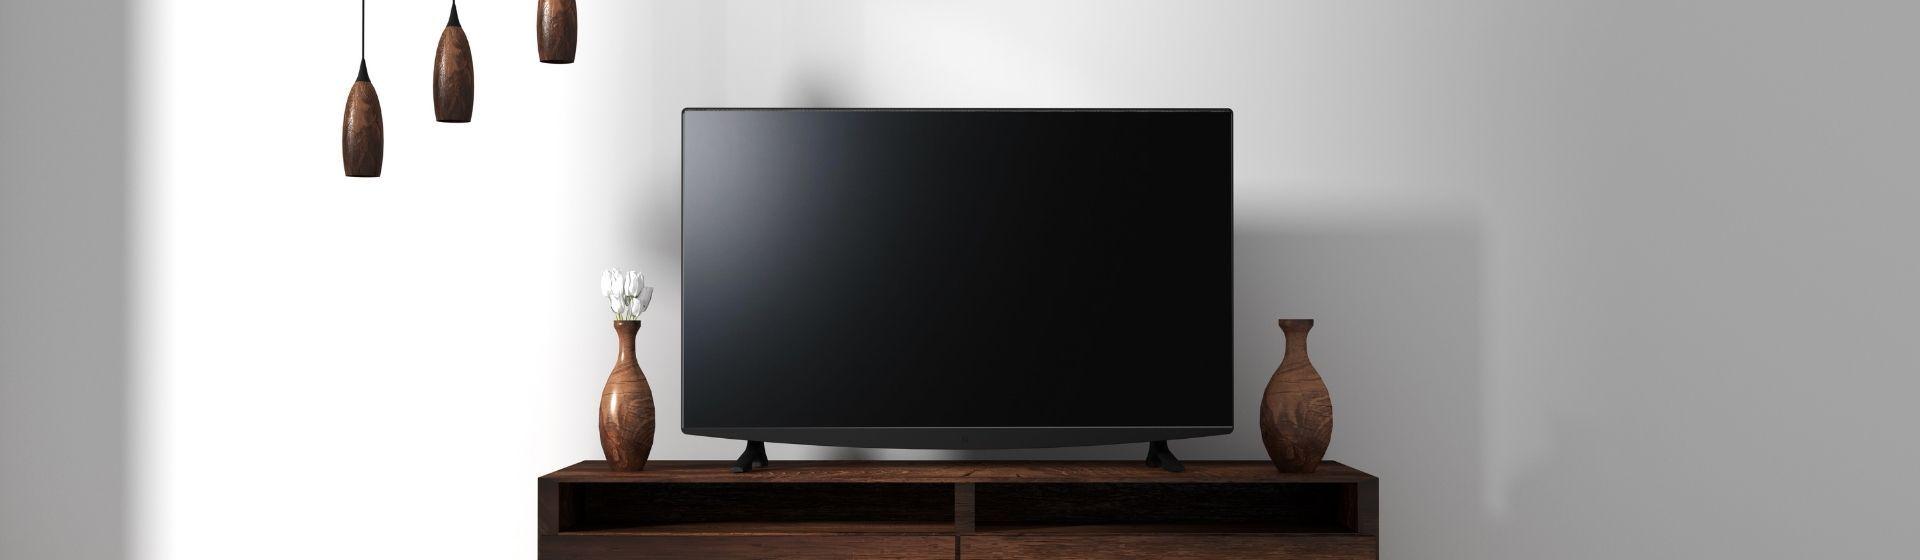 TVs mais vendidas em novembro 2020: Samsung Q70T aparece pela primeira vez